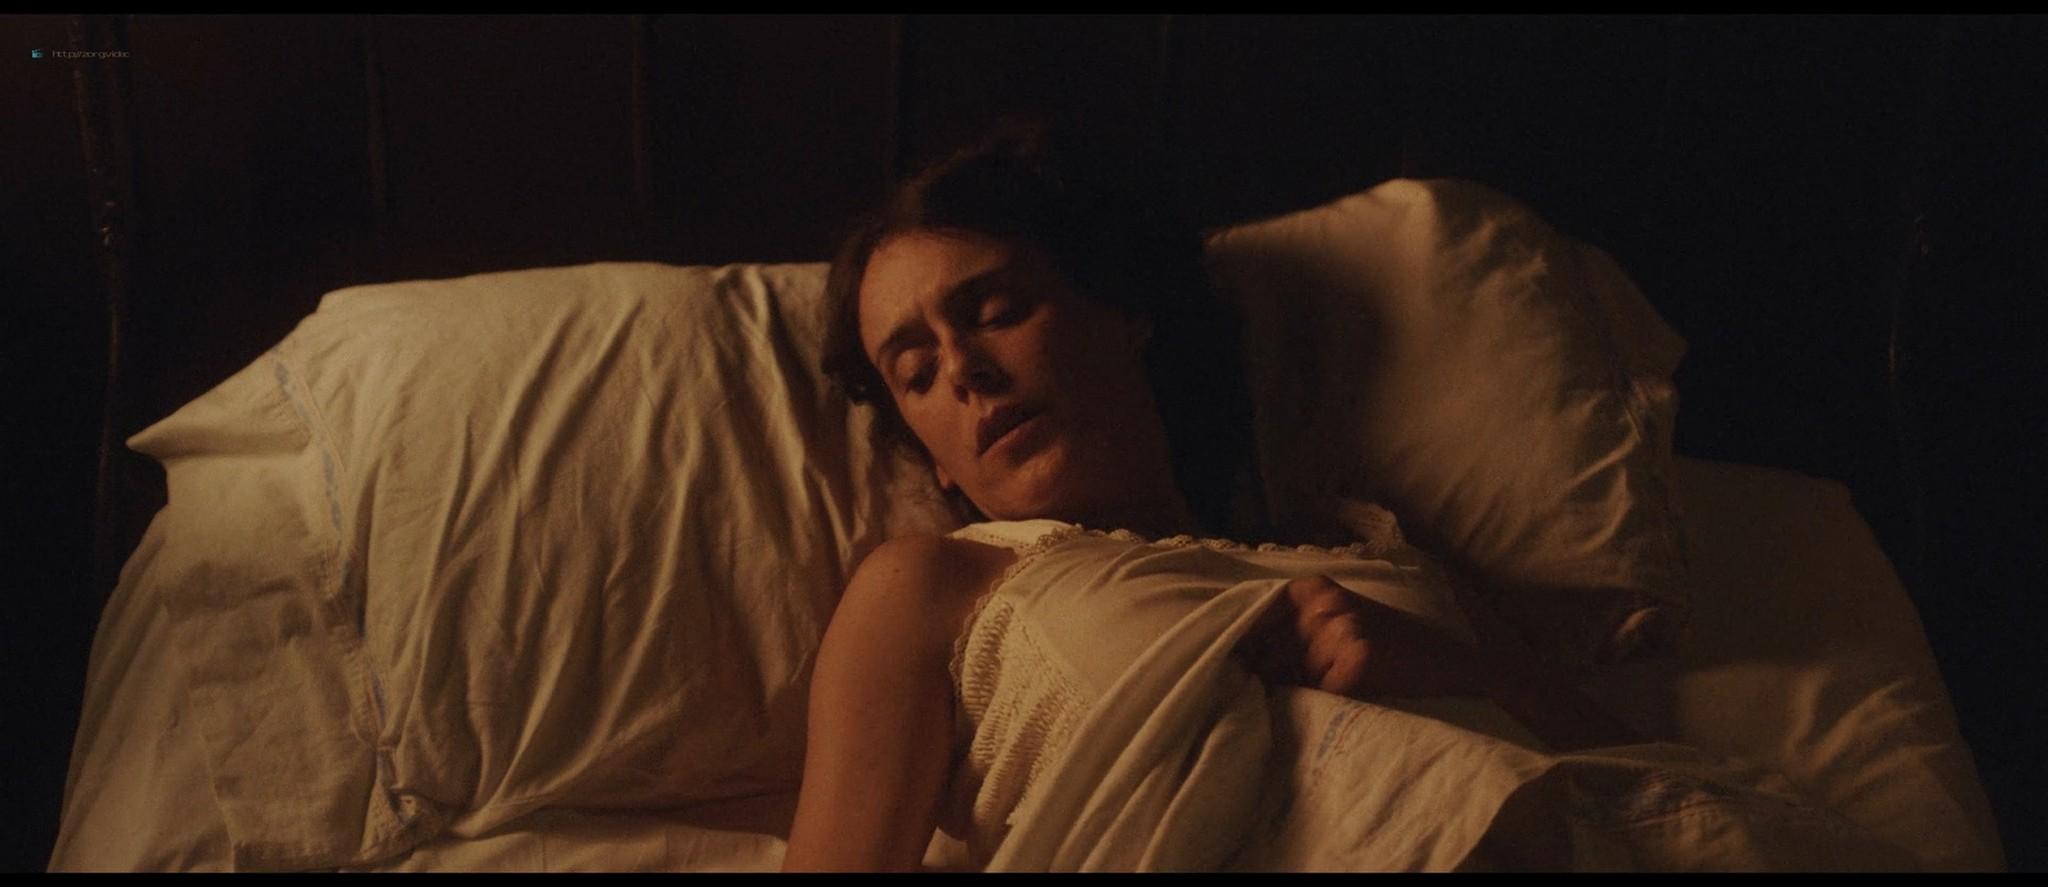 Belén Cuesta nude and sex - La trinchera infinita (ES-2019) HD 1080p Web (3)